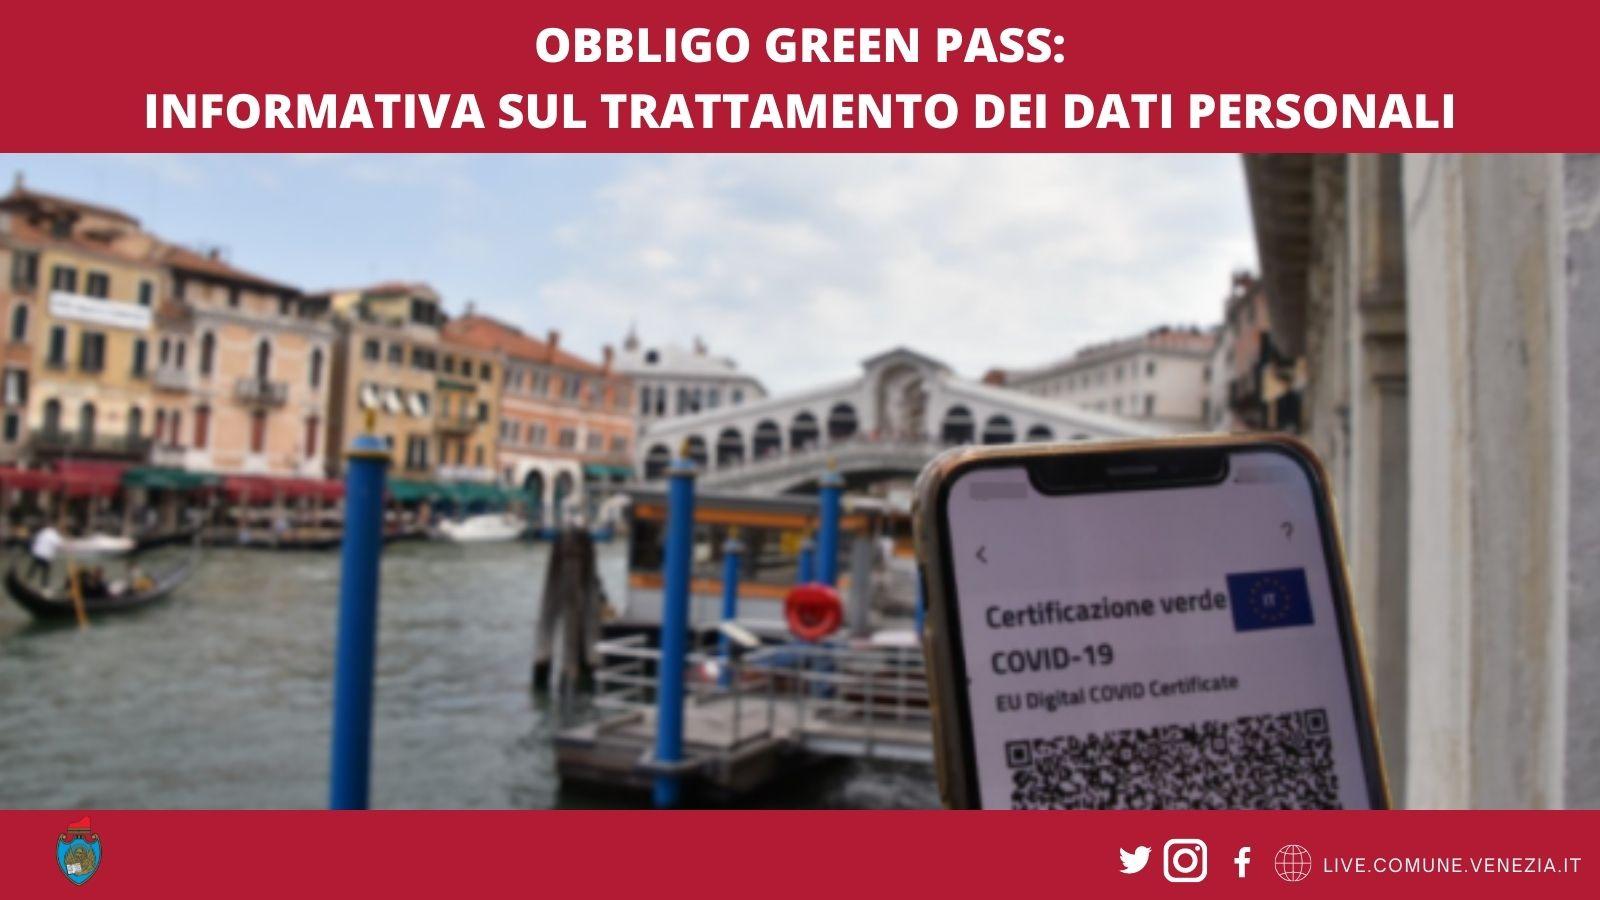 Obbligo Green pass: informativa dati personali